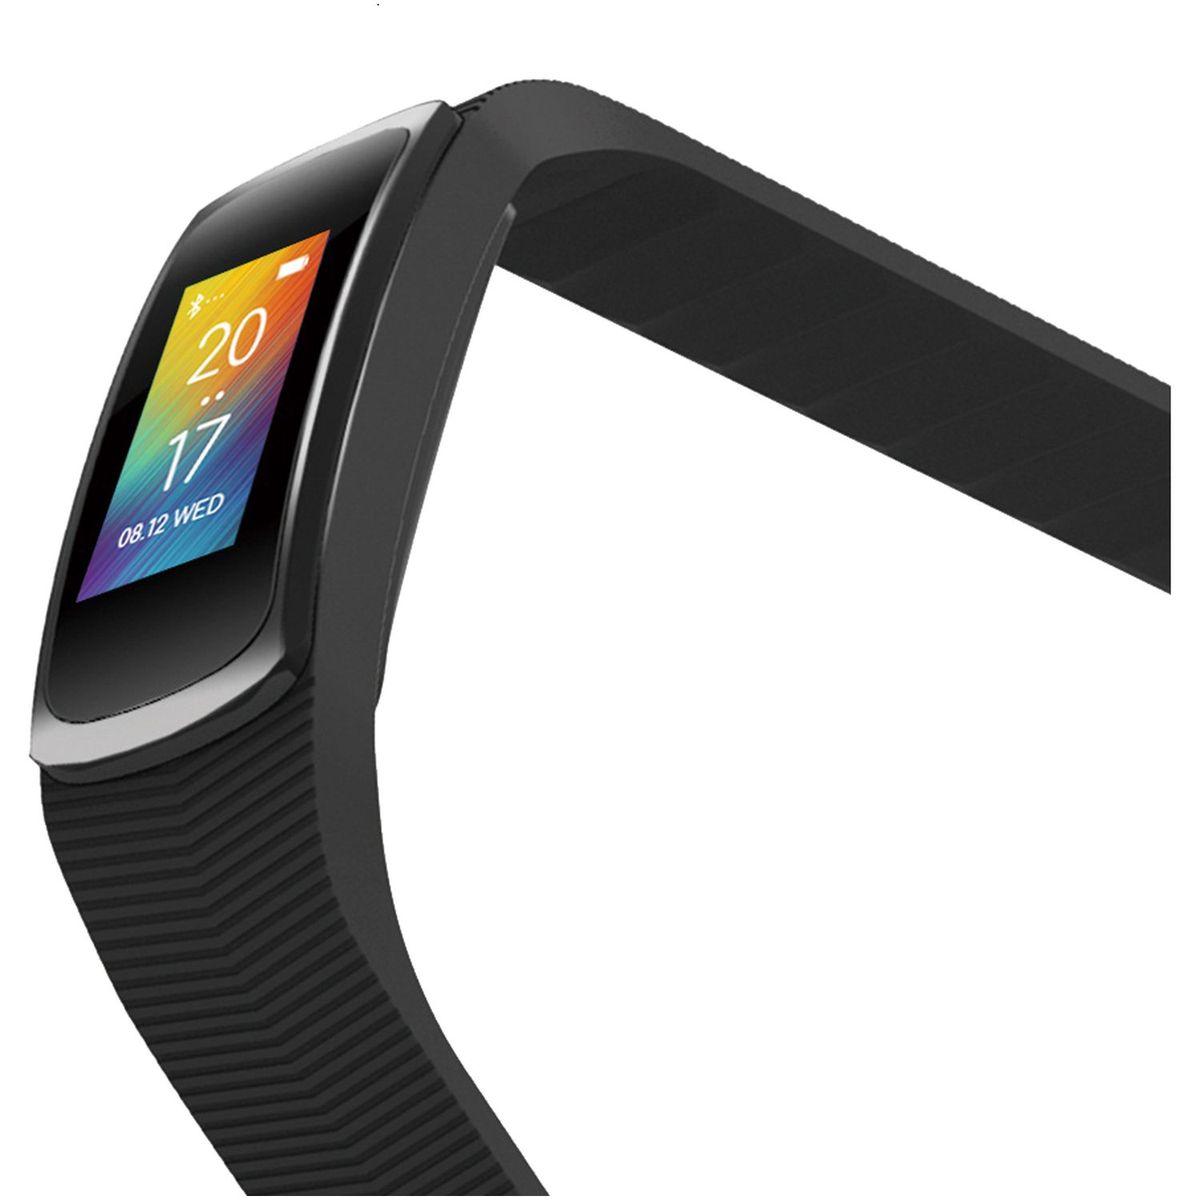 ABYX Montre connectée - FIT HR - Bluetooth - Noir